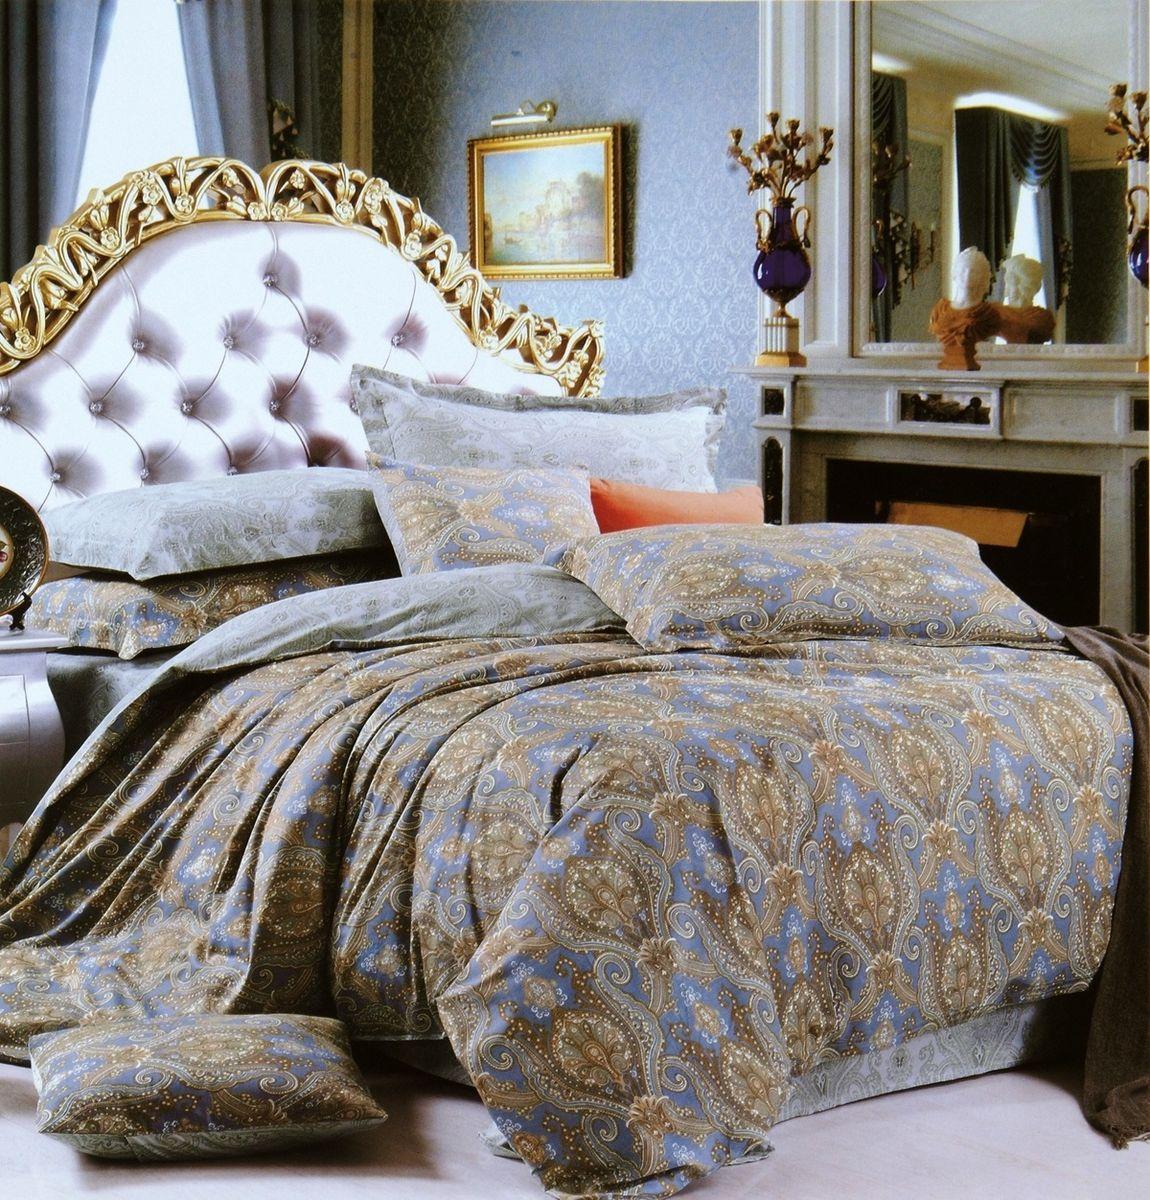 Комплект белья Modalin Eniko, 2-спальный, наволочки 50х70, 70x70CLP446Комплект постельного белья Modalin, выполненный из сатина (100% хлопка), создан для комфорта и роскоши. Комплект состоит из пододеяльника, простыни и 4 наволочек. Постельное белье оформлено оригинальным орнаментом. Пододеяльник застегивается на пуговицы, что позволяет одеялу не выпадать из него.Сатин - хлопчатобумажная ткань полотняного переплетения, одна из самых красивых, прочных и приятных телу тканей, изготовленных из натурального волокна. Благодаря своей шелковистости и блеску сатин называют хлопковым шелком.